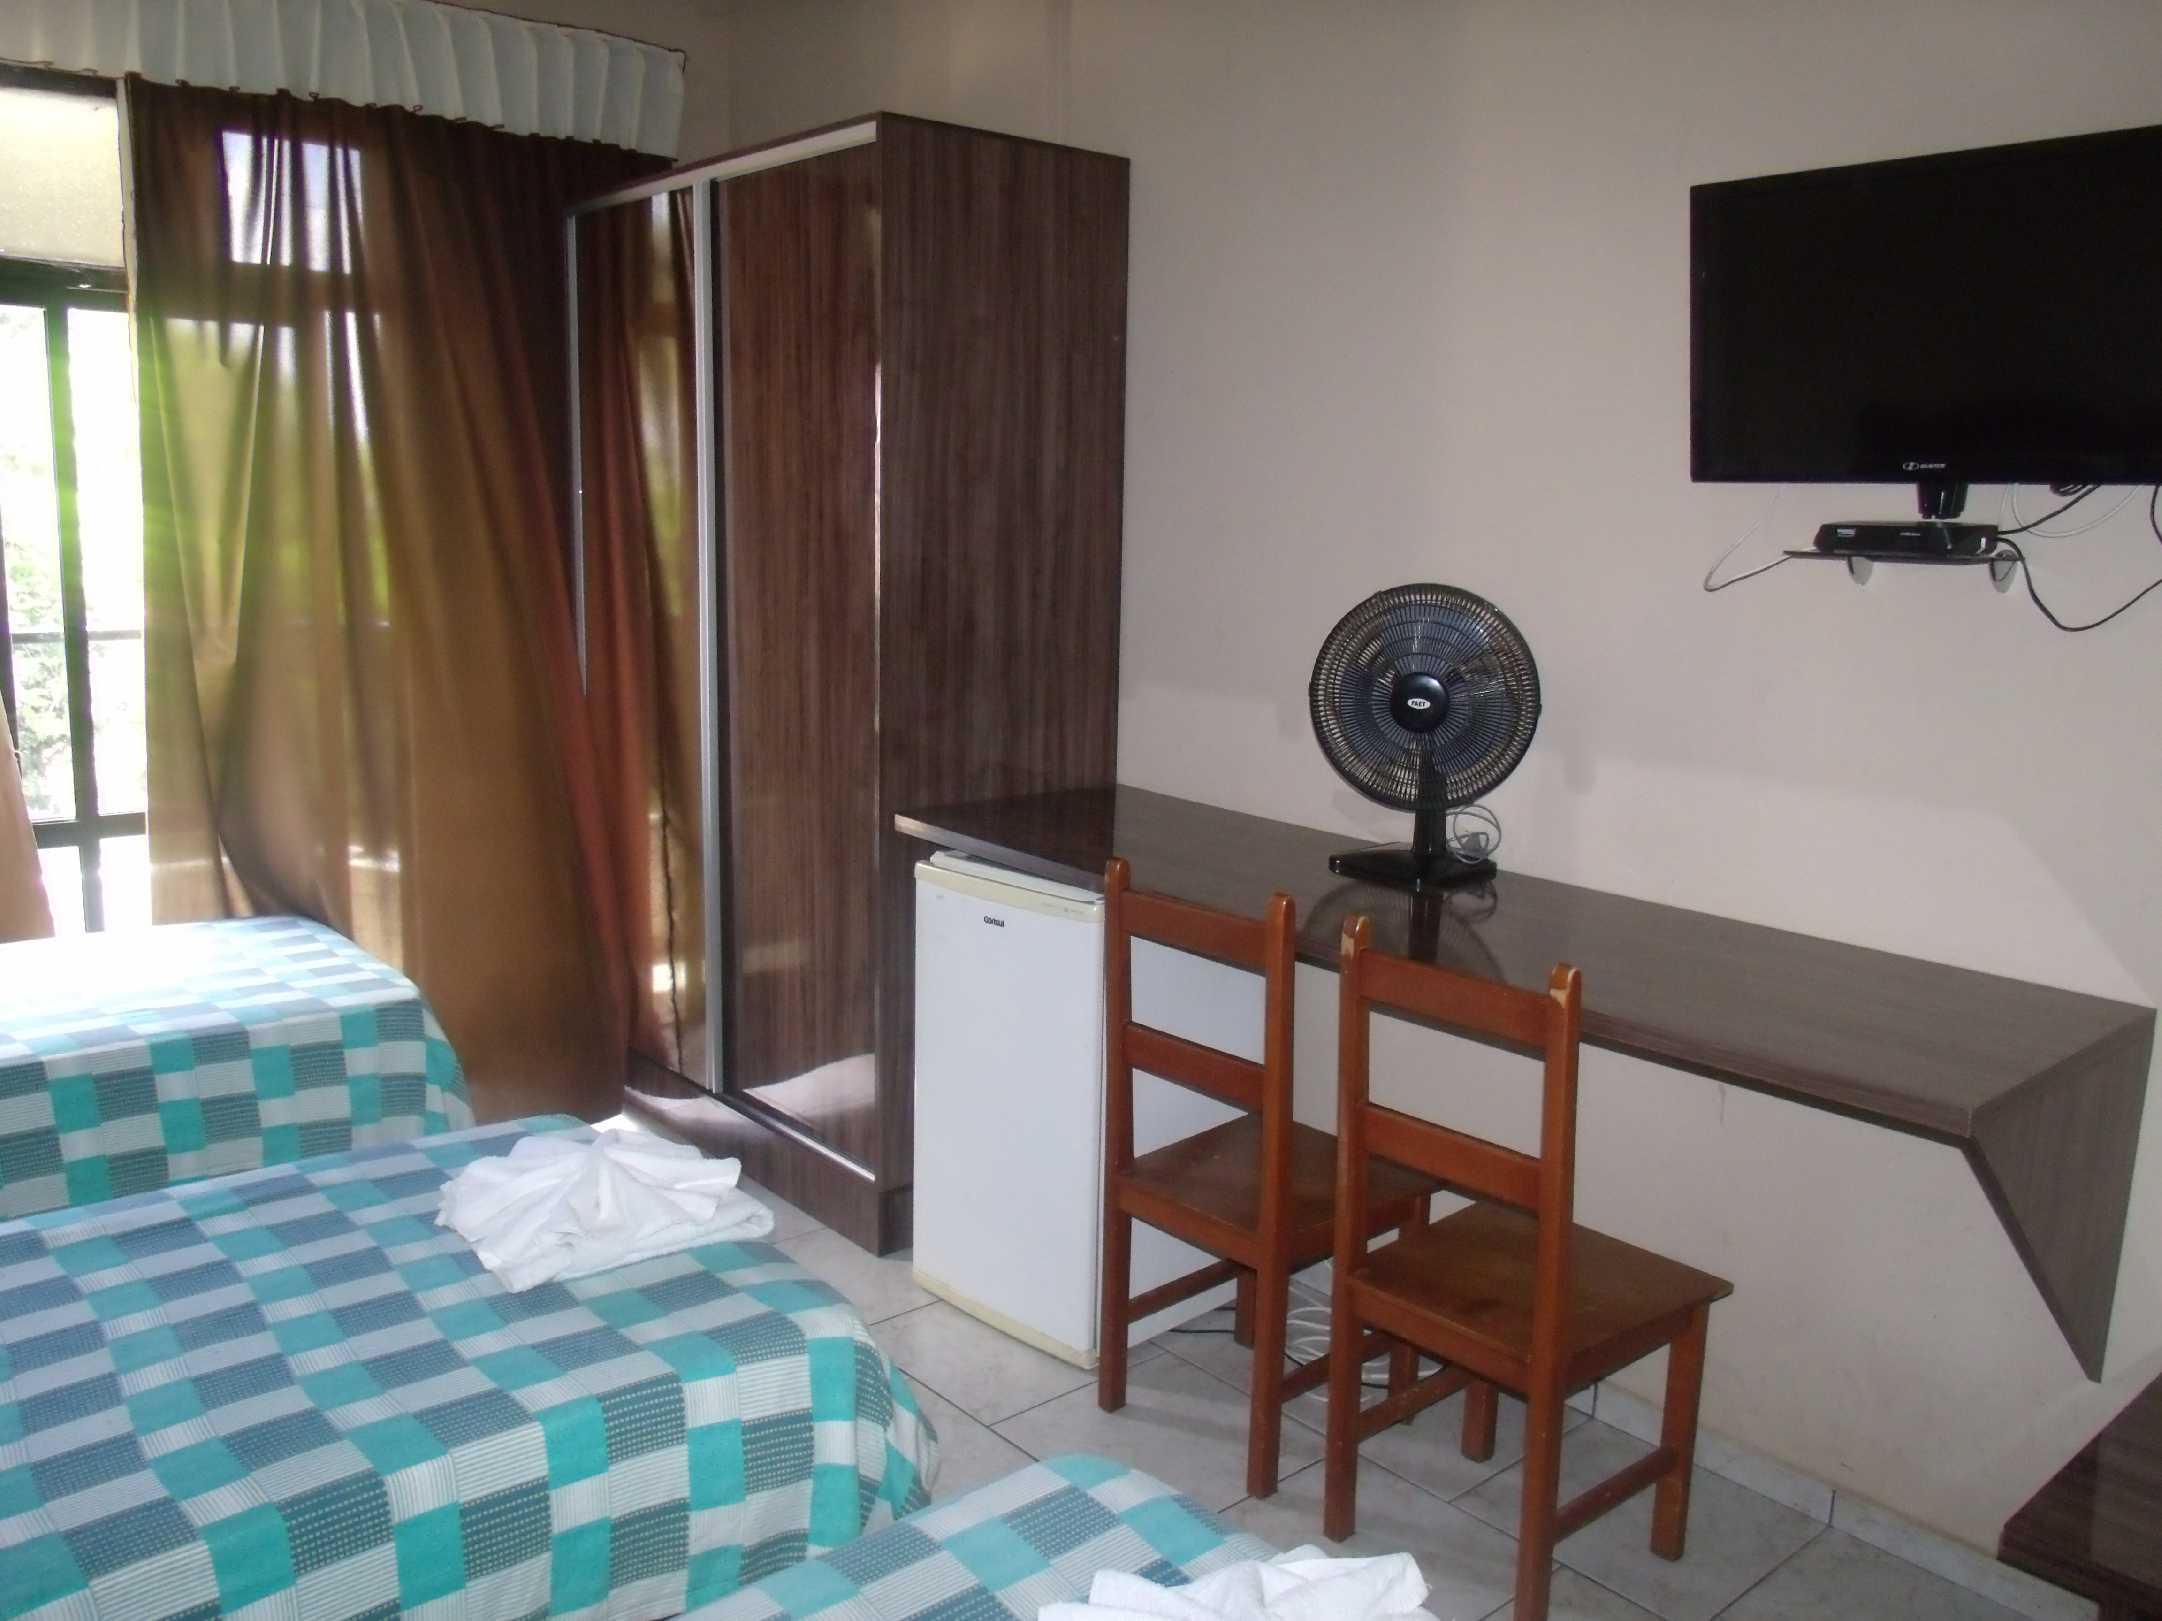 quarto 4 camas solteiro